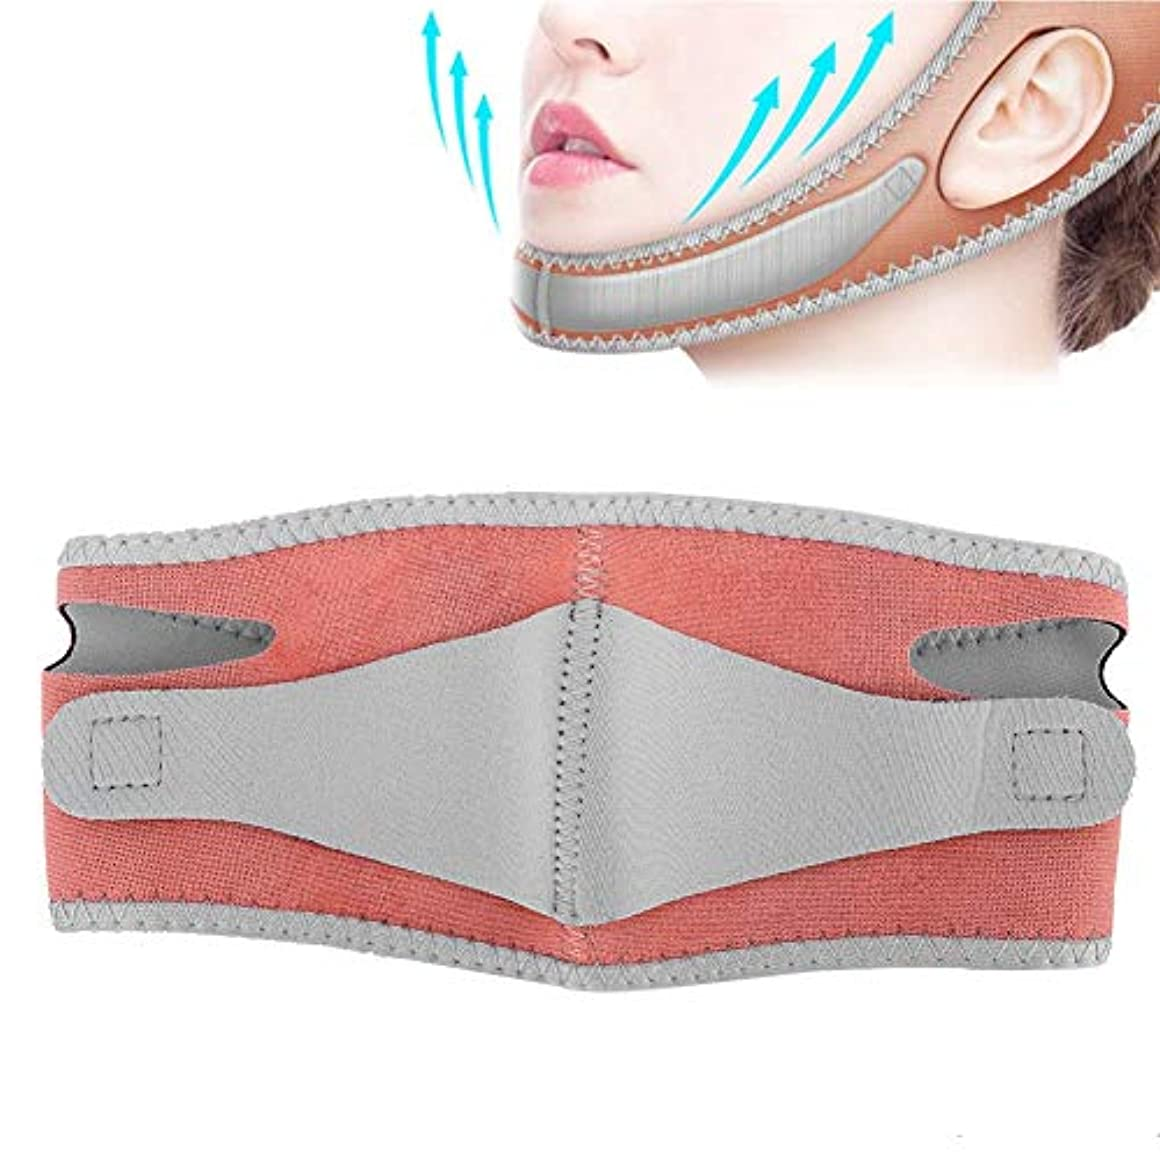 エラーモールス信号重要性薄い顔包帯顔、Vフェイスラインスリムダブルチンチークスリムリフトアップ引き締まった肌防止マスクあなたが顔の肌を引き締めるのに役立ちます